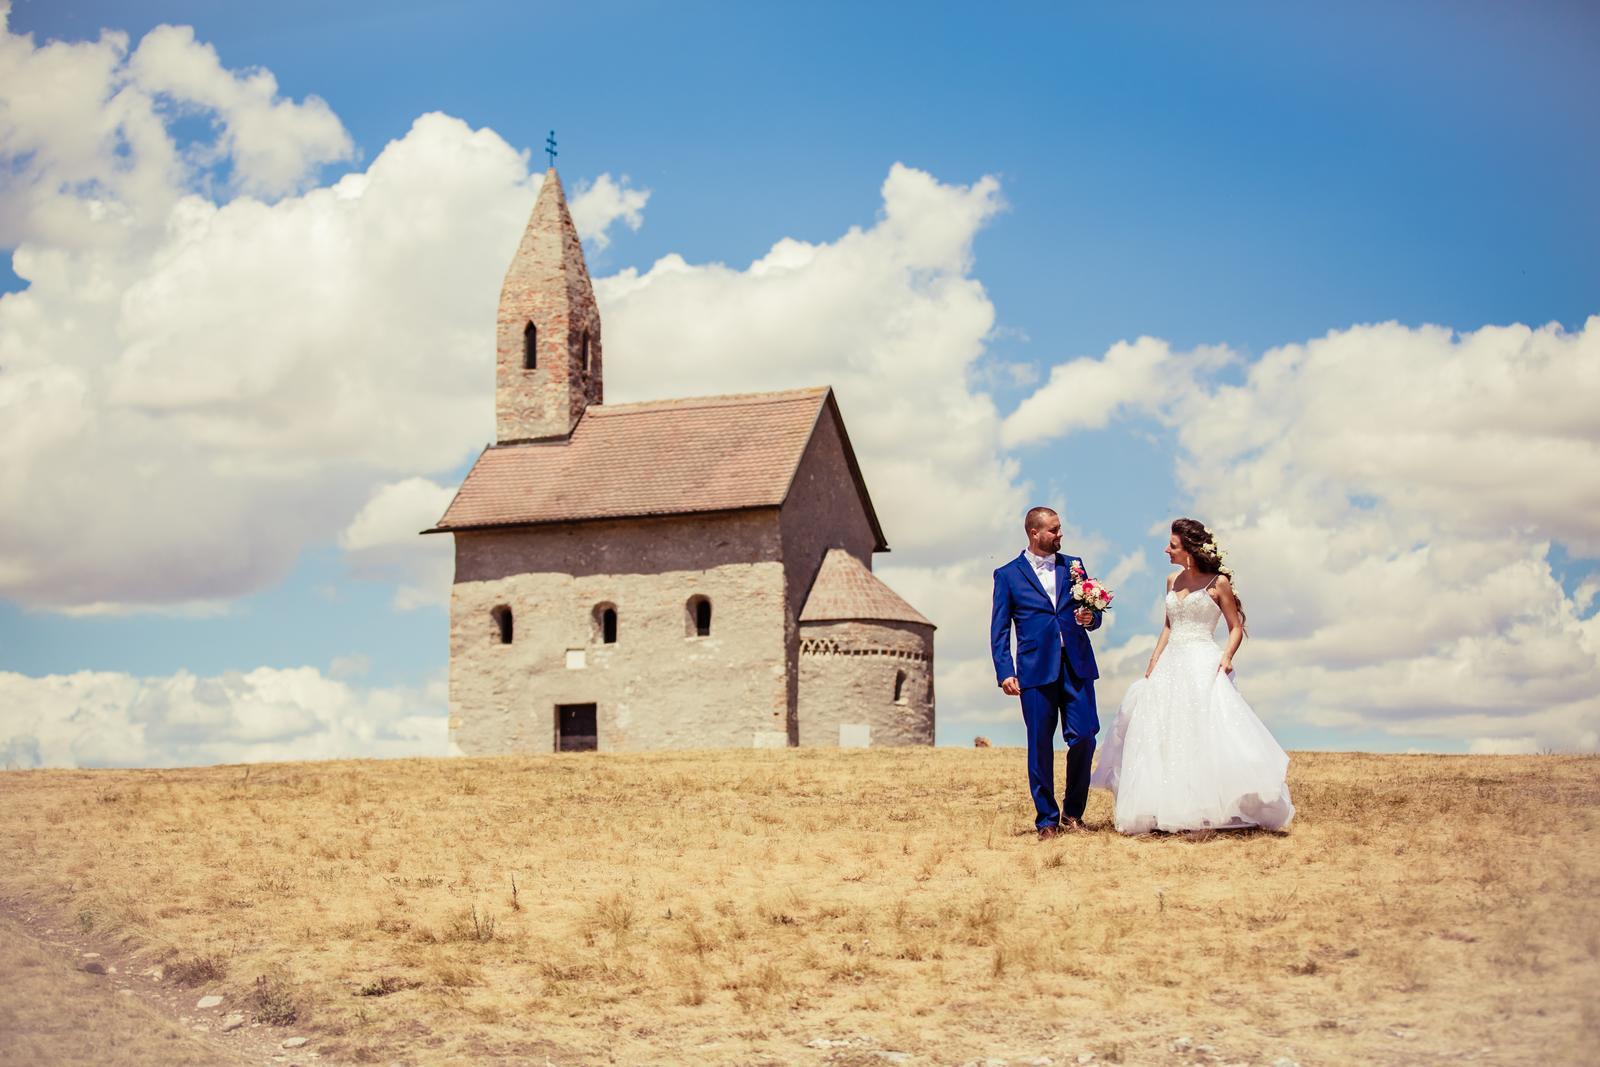 Naša svadba 1.7.2017 - Obrázok č. 13